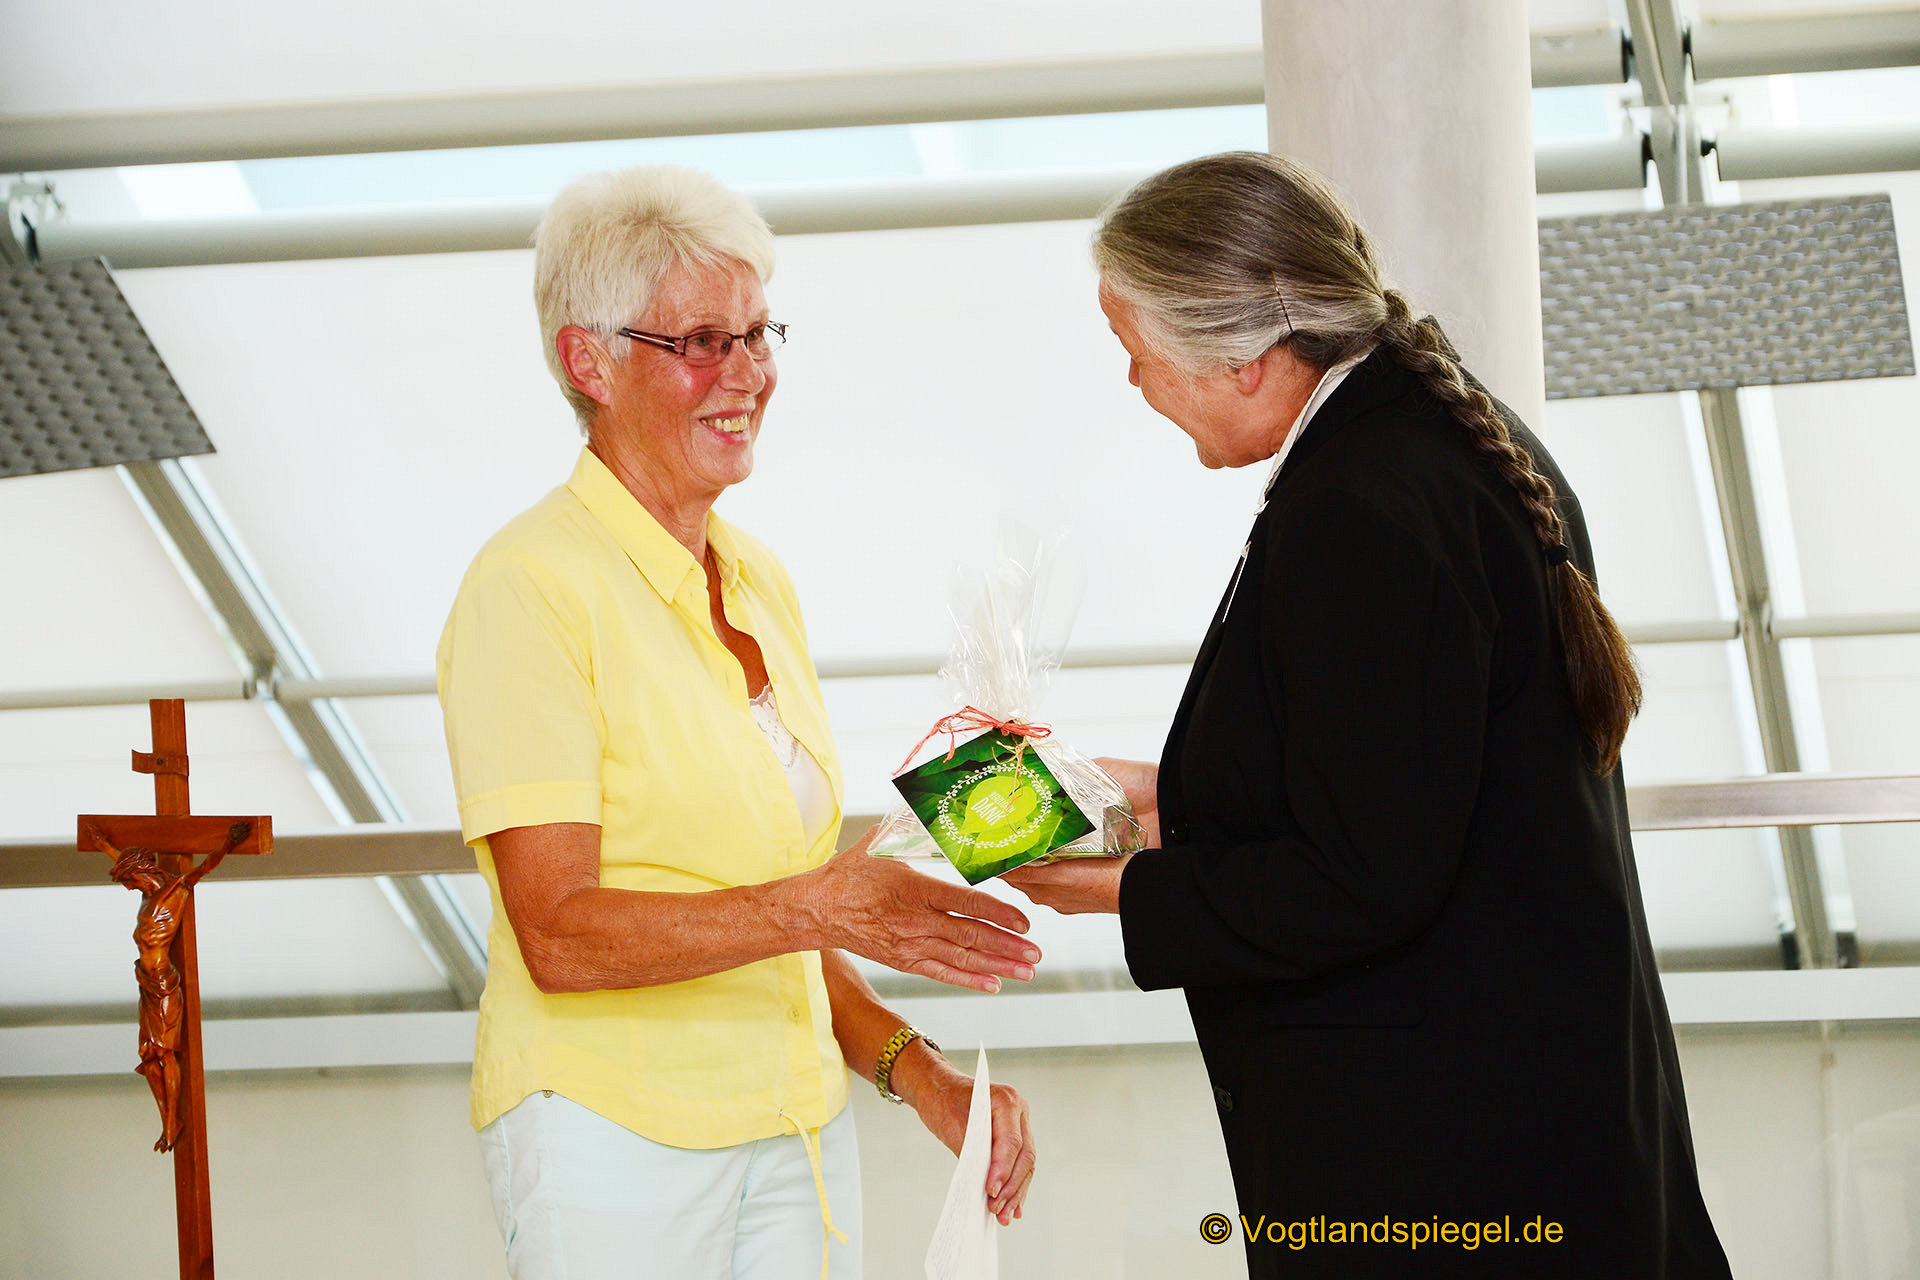 20 Jahre Klinikseelsorge: Ein Grund für Freude und Dankbarkeit